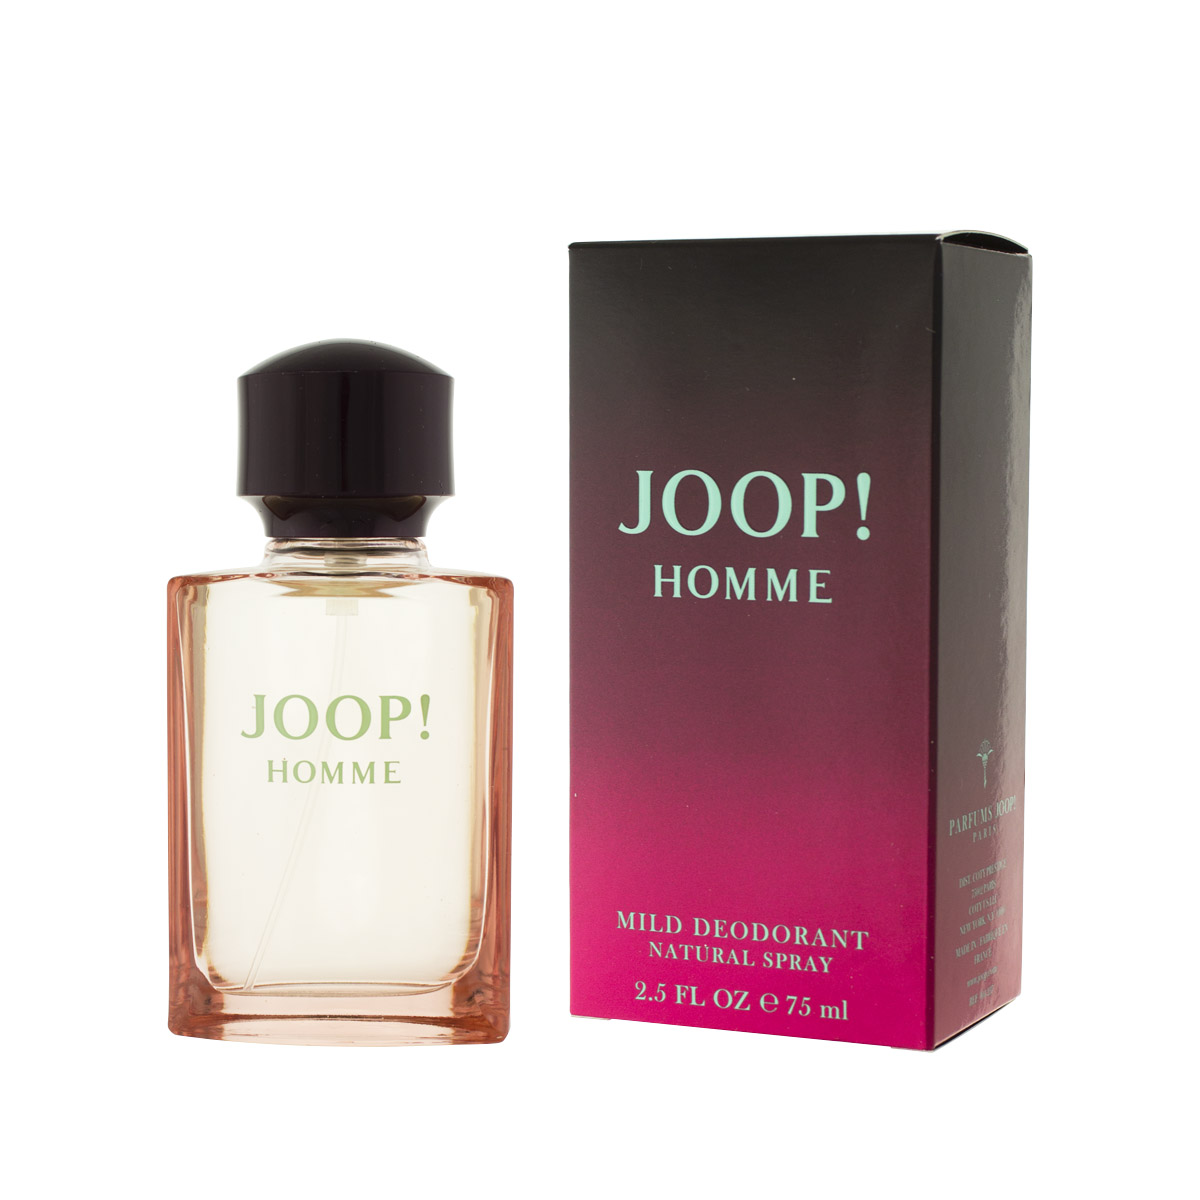 Joop Homme Mild Deodorant M75